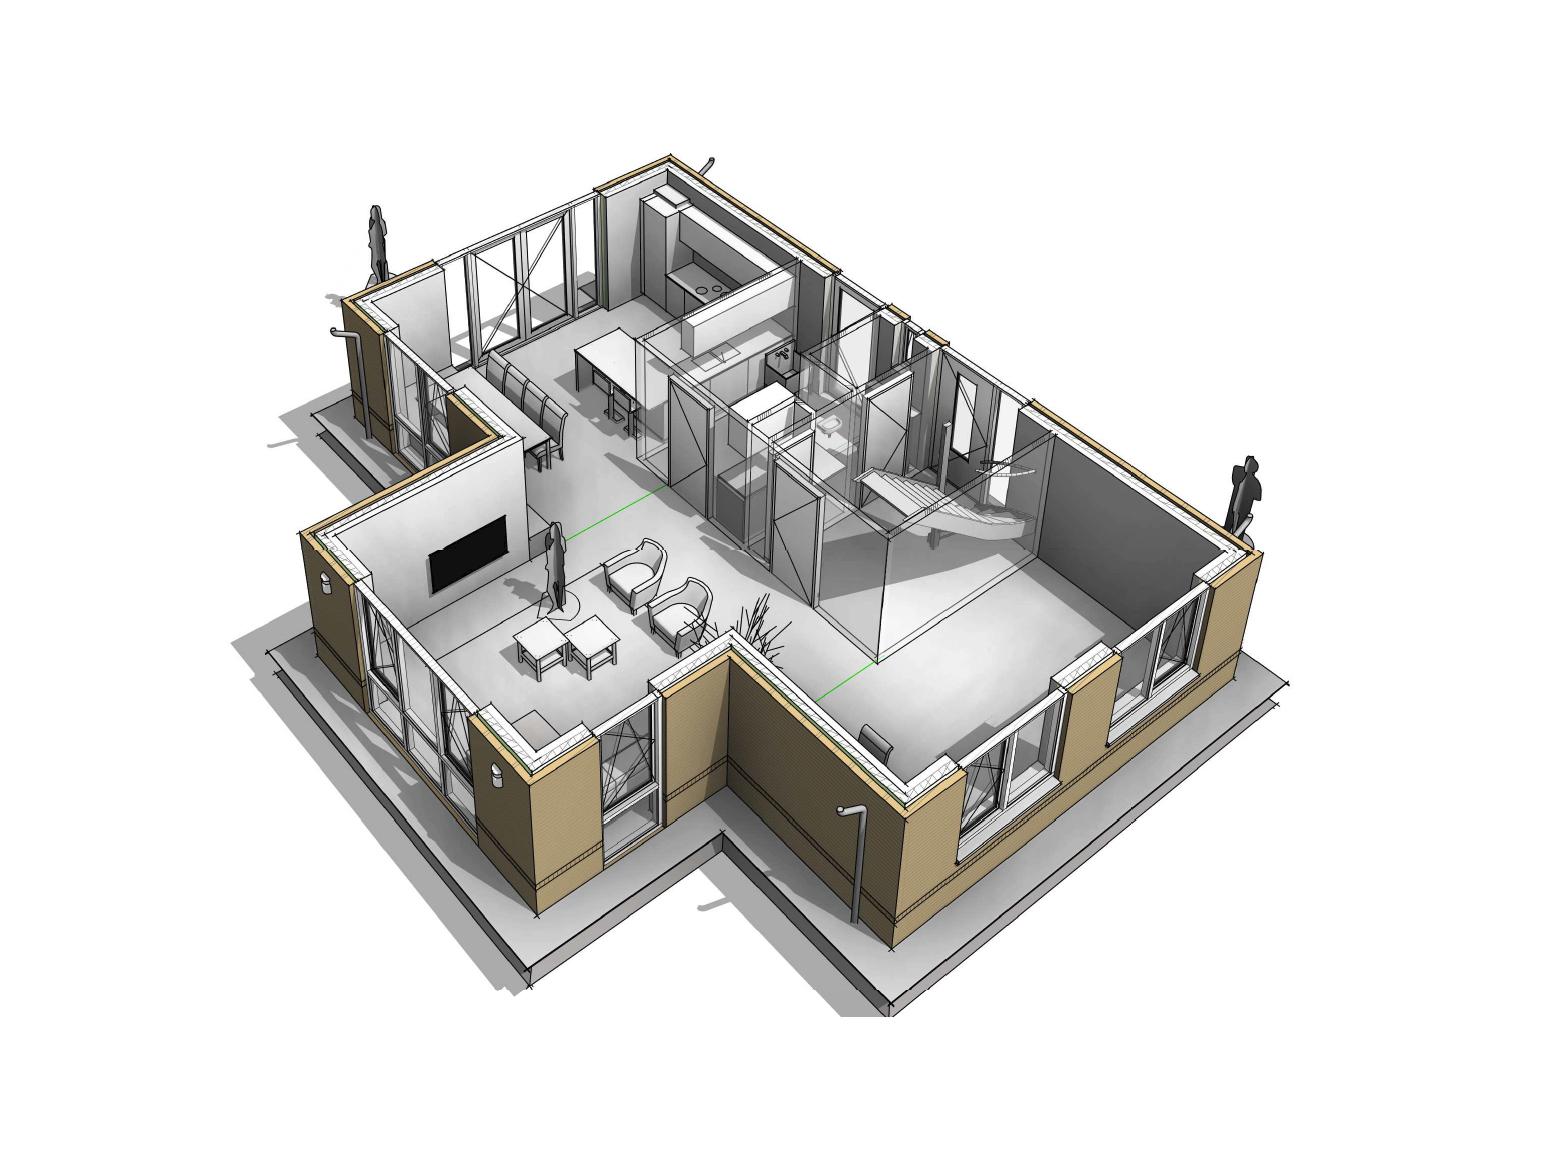 vrijstaande-woning-ontwerp-de-vecht-metselwerk-schuinekap-van-oord-architectuur-en-design-architect-apeldoorn-4